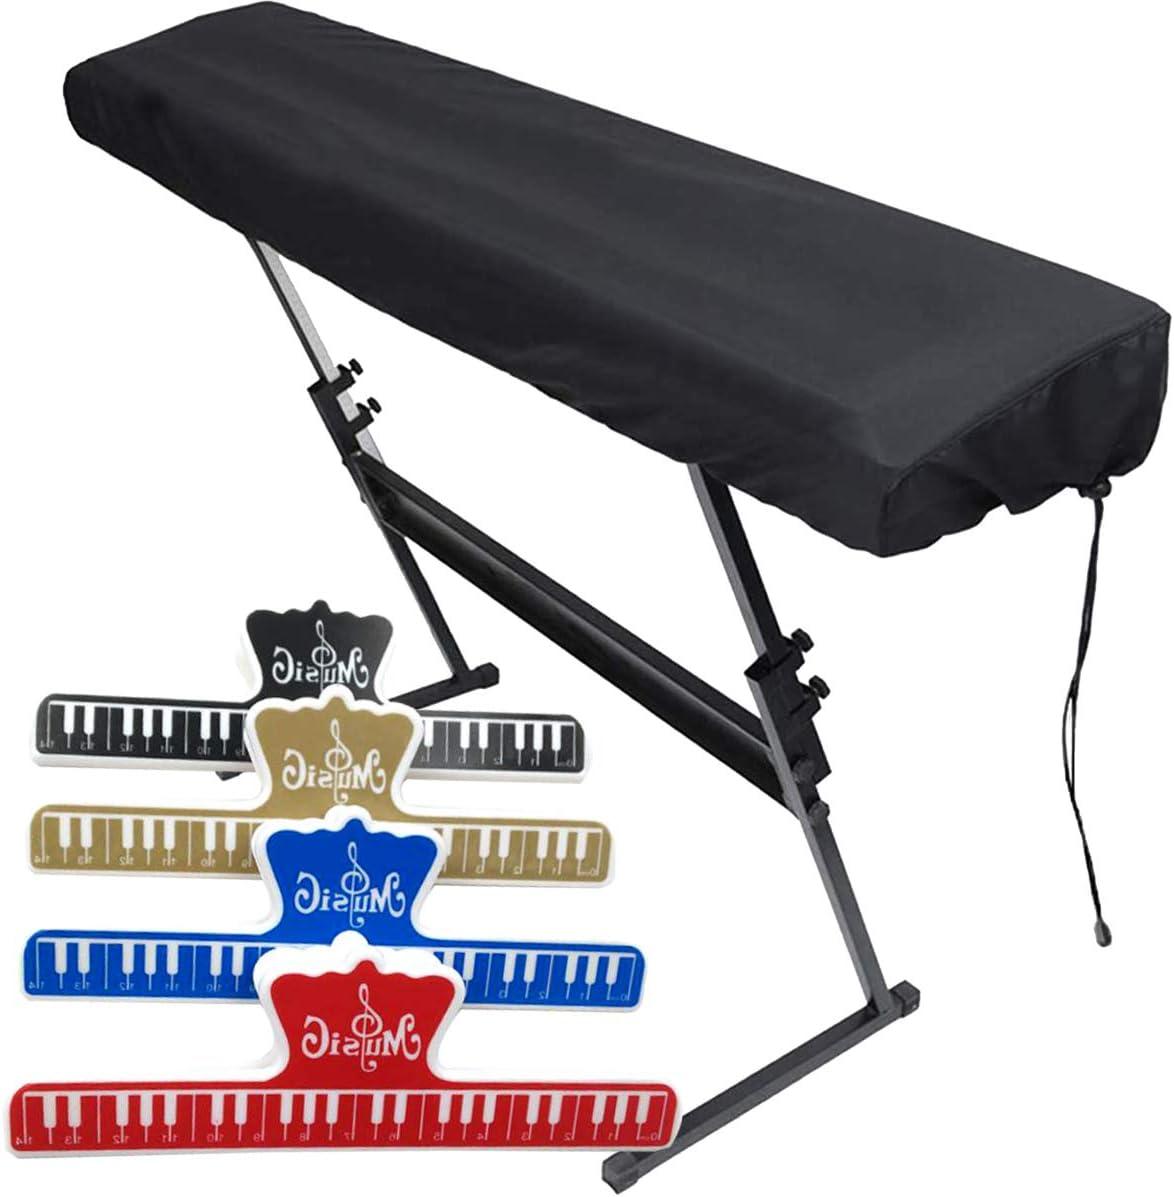 OSUTER Cubierta para el Teclado de Piano con 4PCS Clips de Música Partituras Respirable Cubierta Piano para Piano Digital Yamaha Casio Roland ...